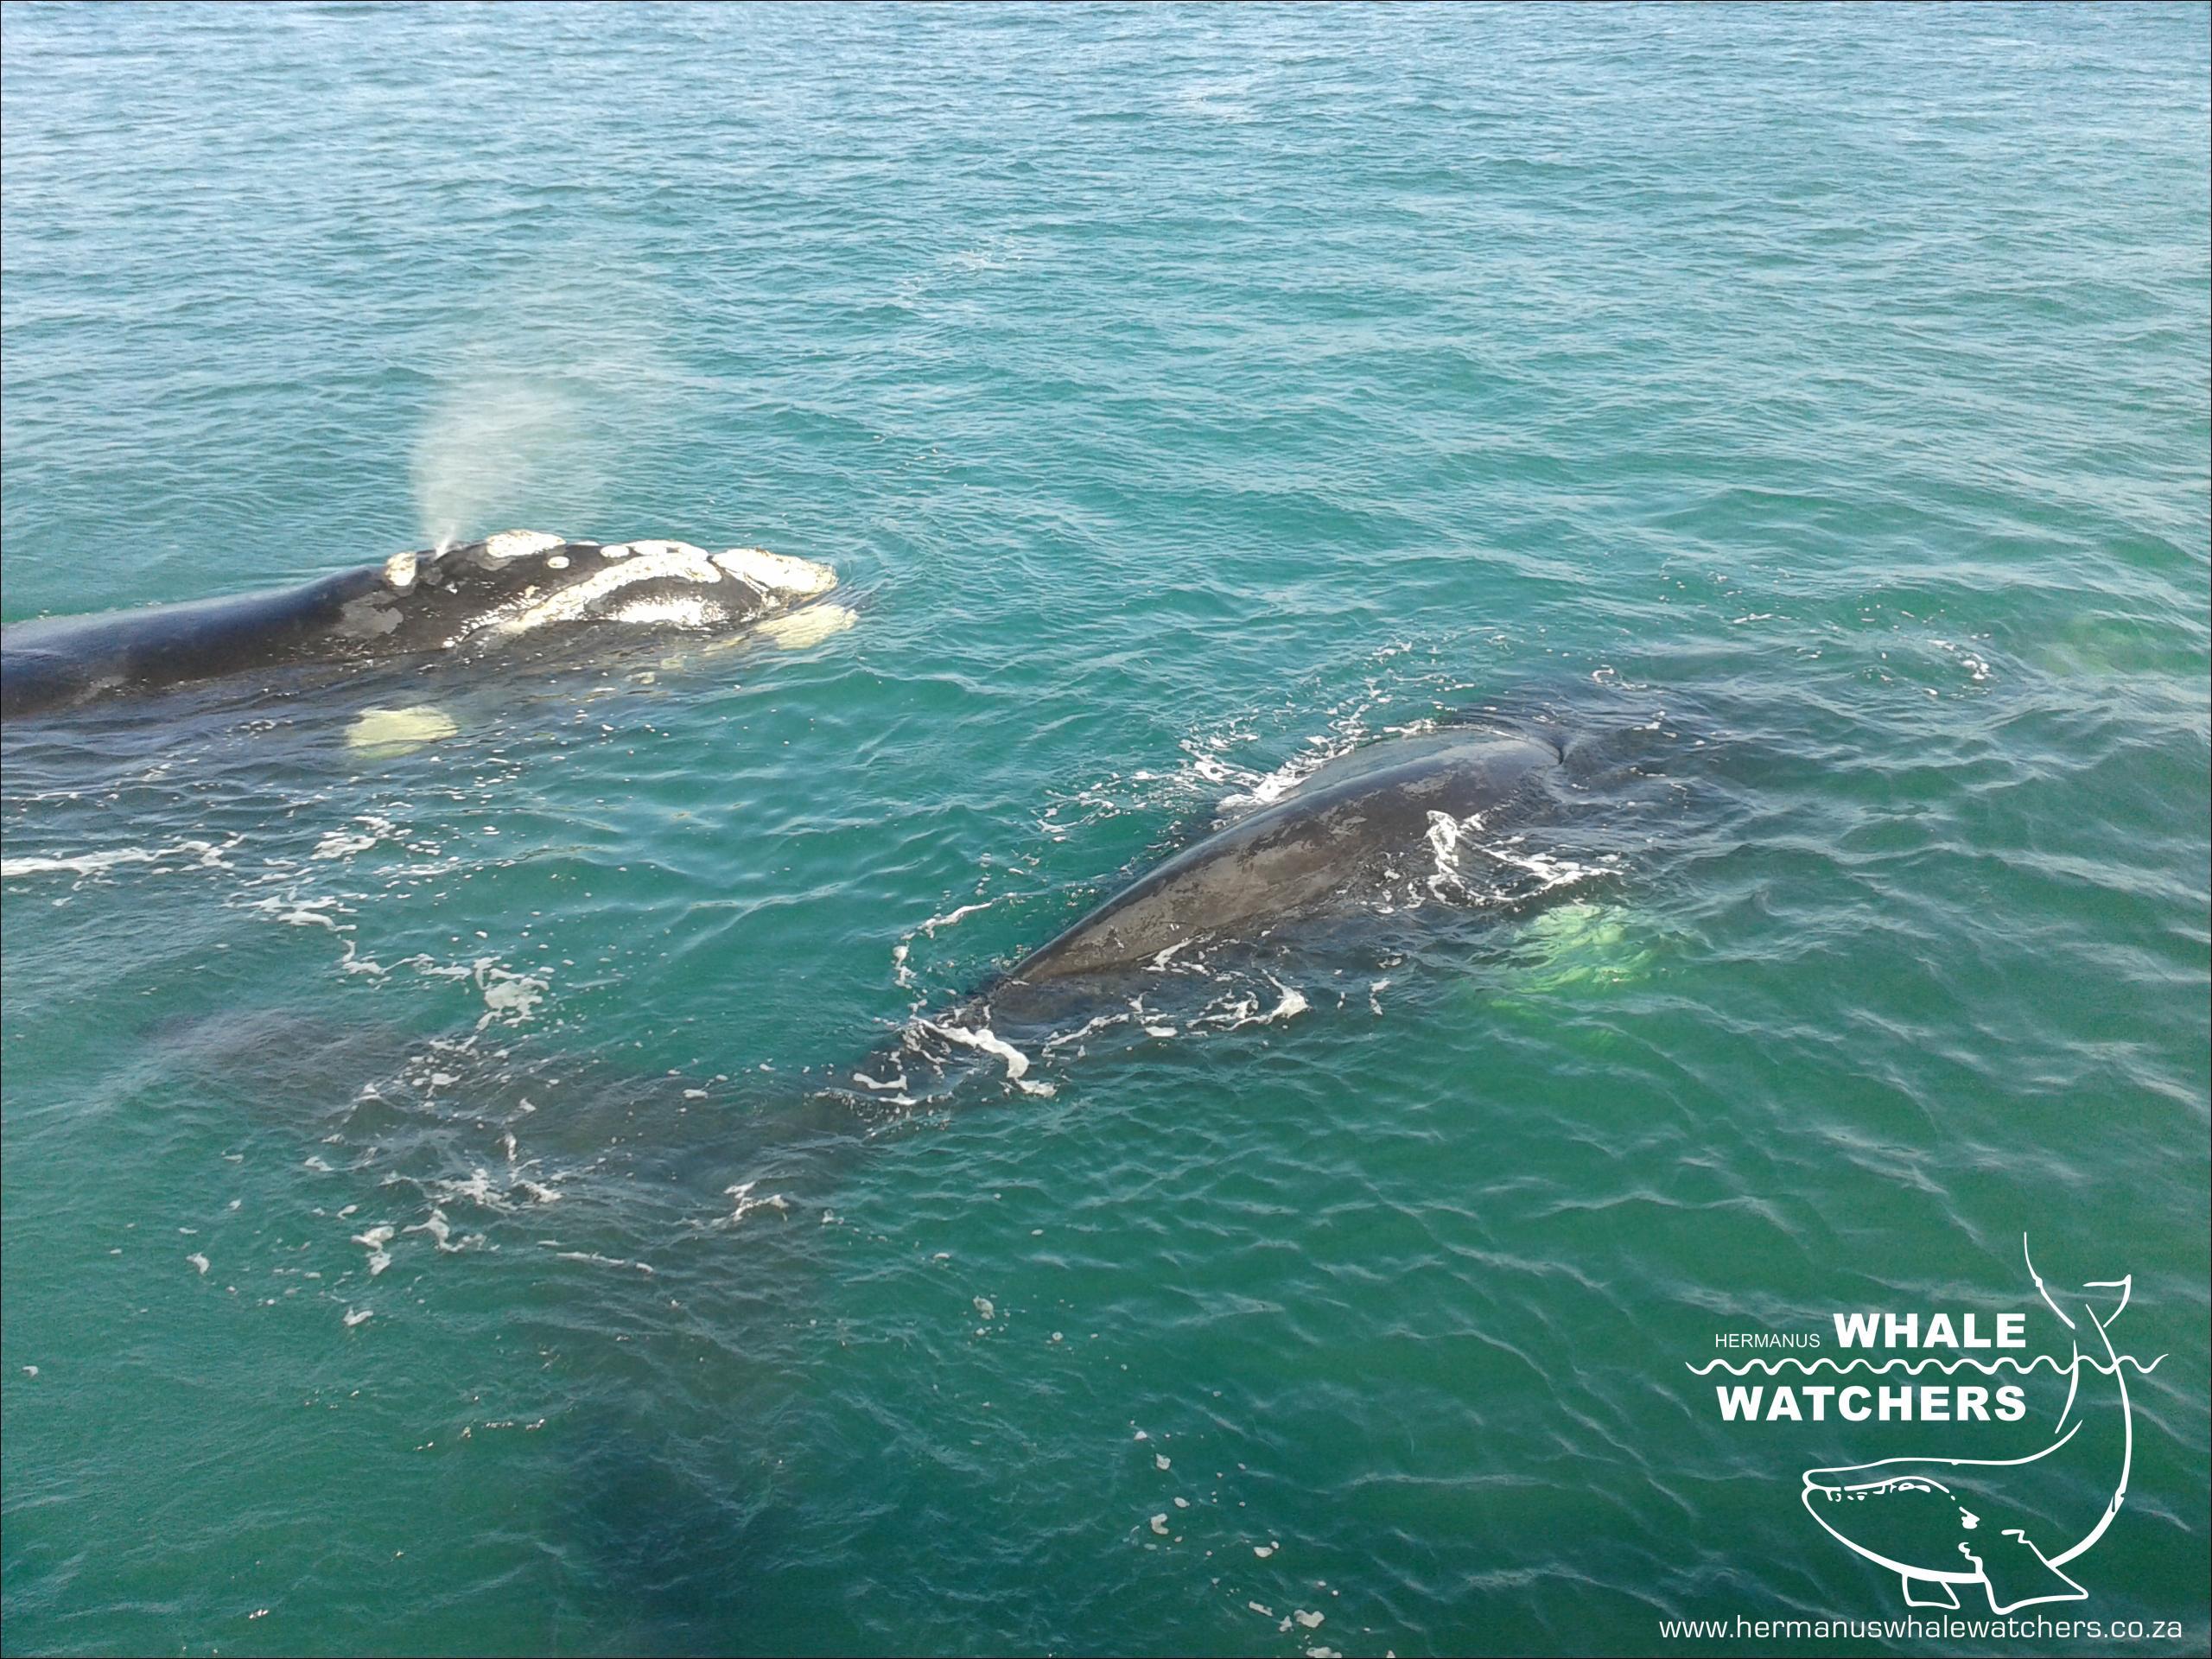 Whale - V-SHAPE Blow 2